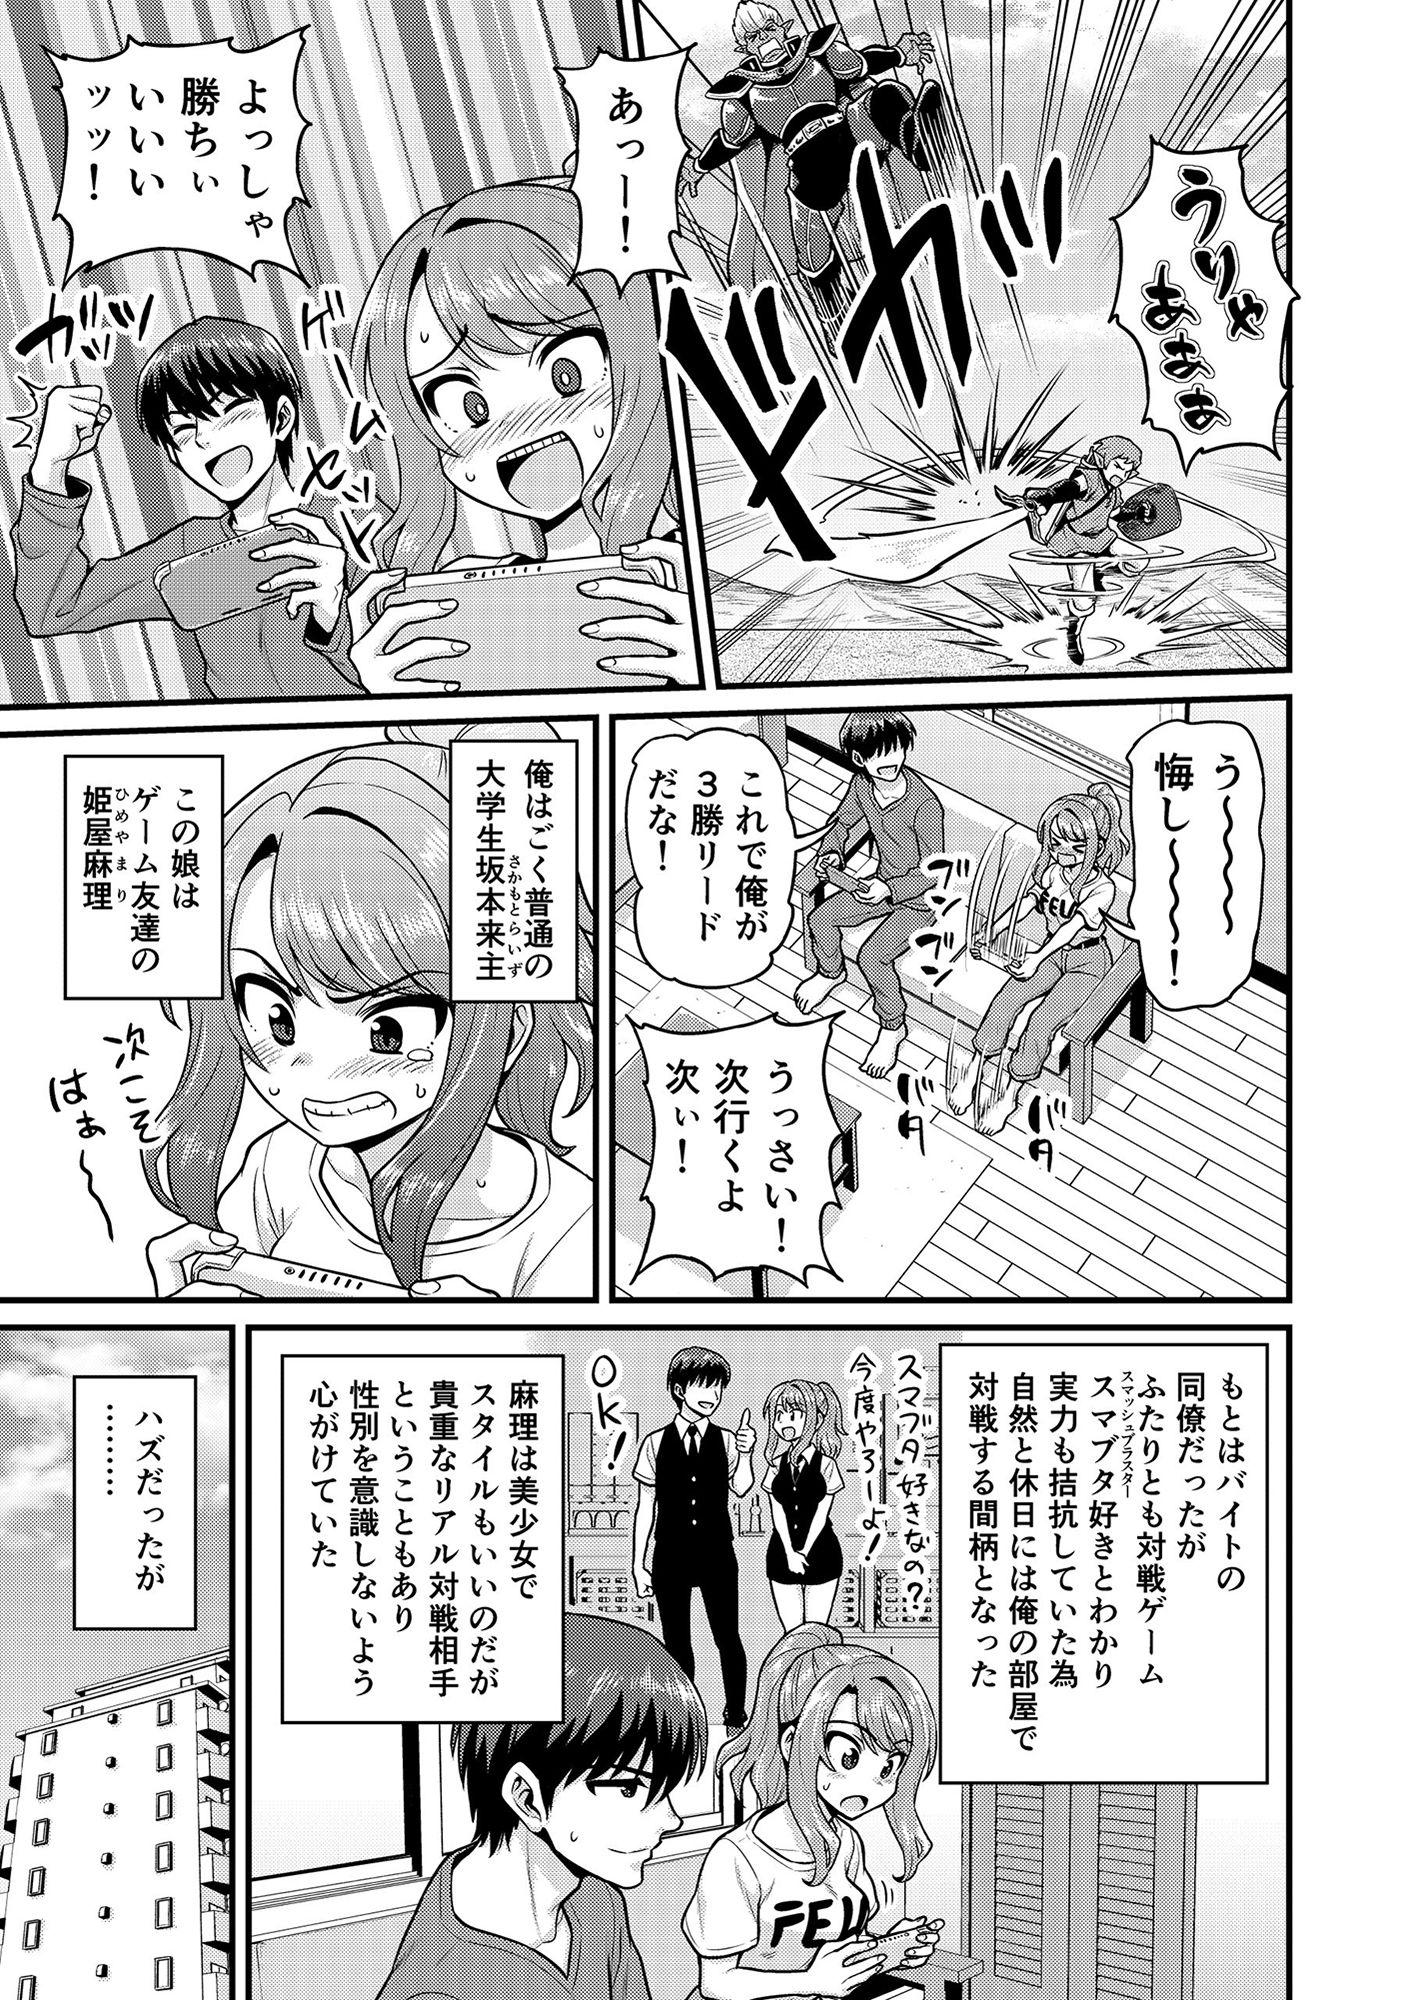 【エロ漫画無料大全集】パンチラしまくるバイト先の女の子に性欲が我慢できず…